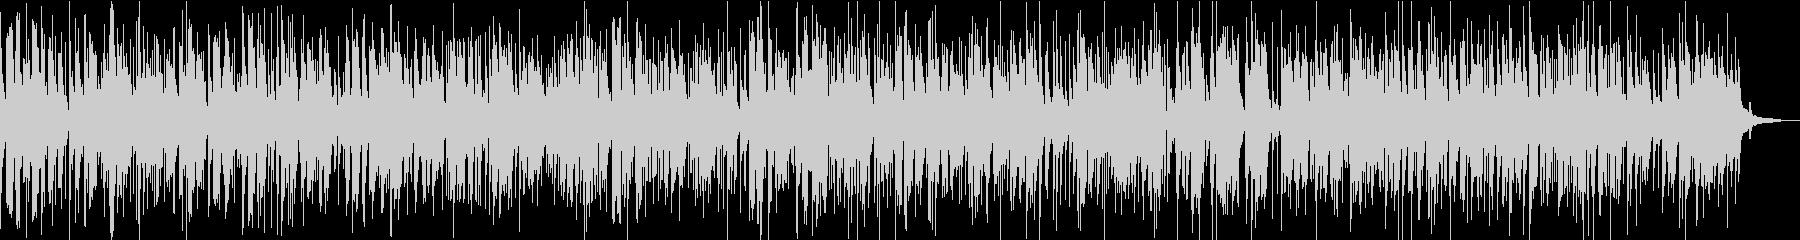 ジャズバイオリンのバラードジングルベルの未再生の波形